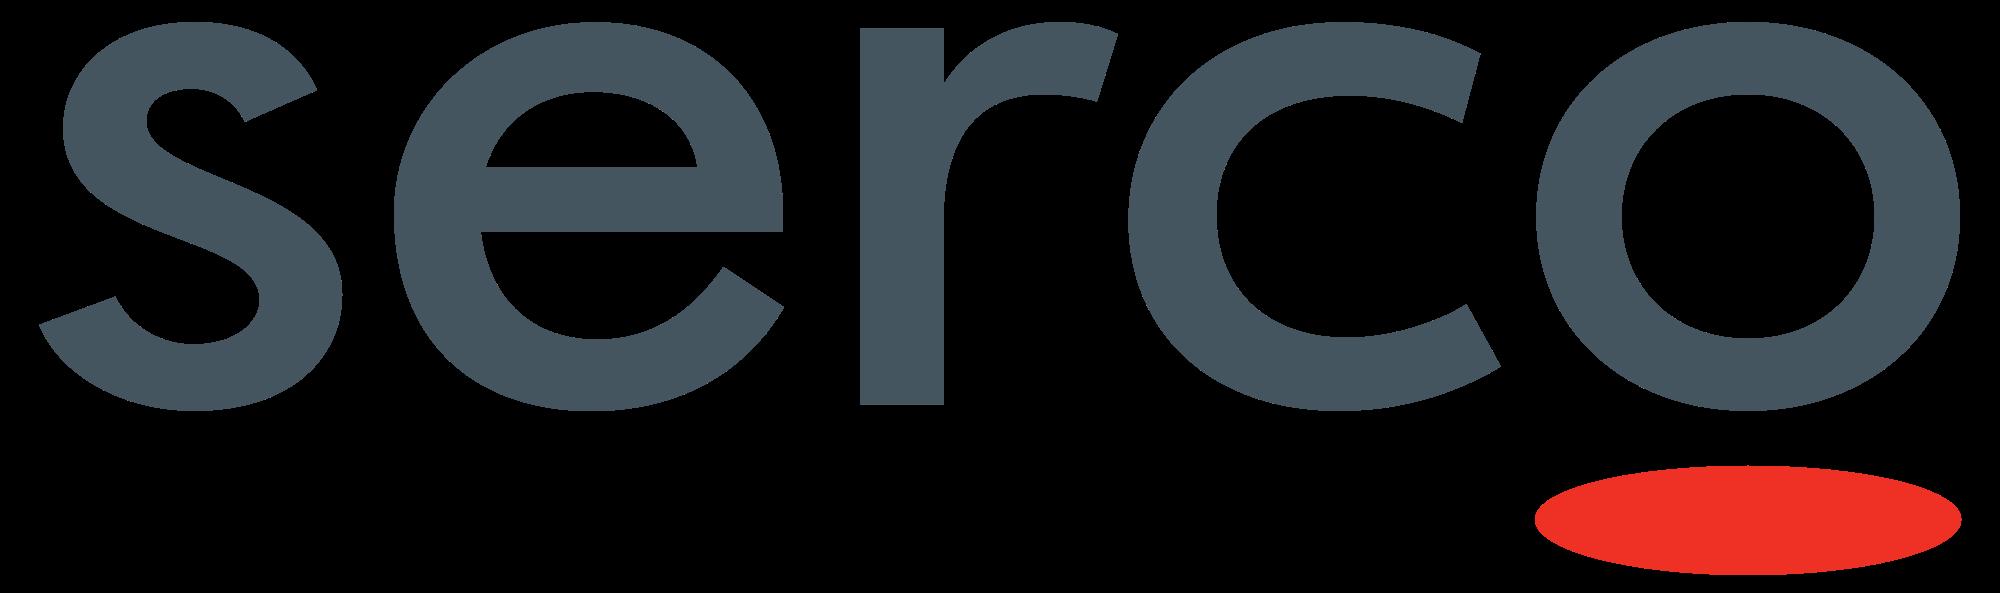 2000px-Serco_logo.svg